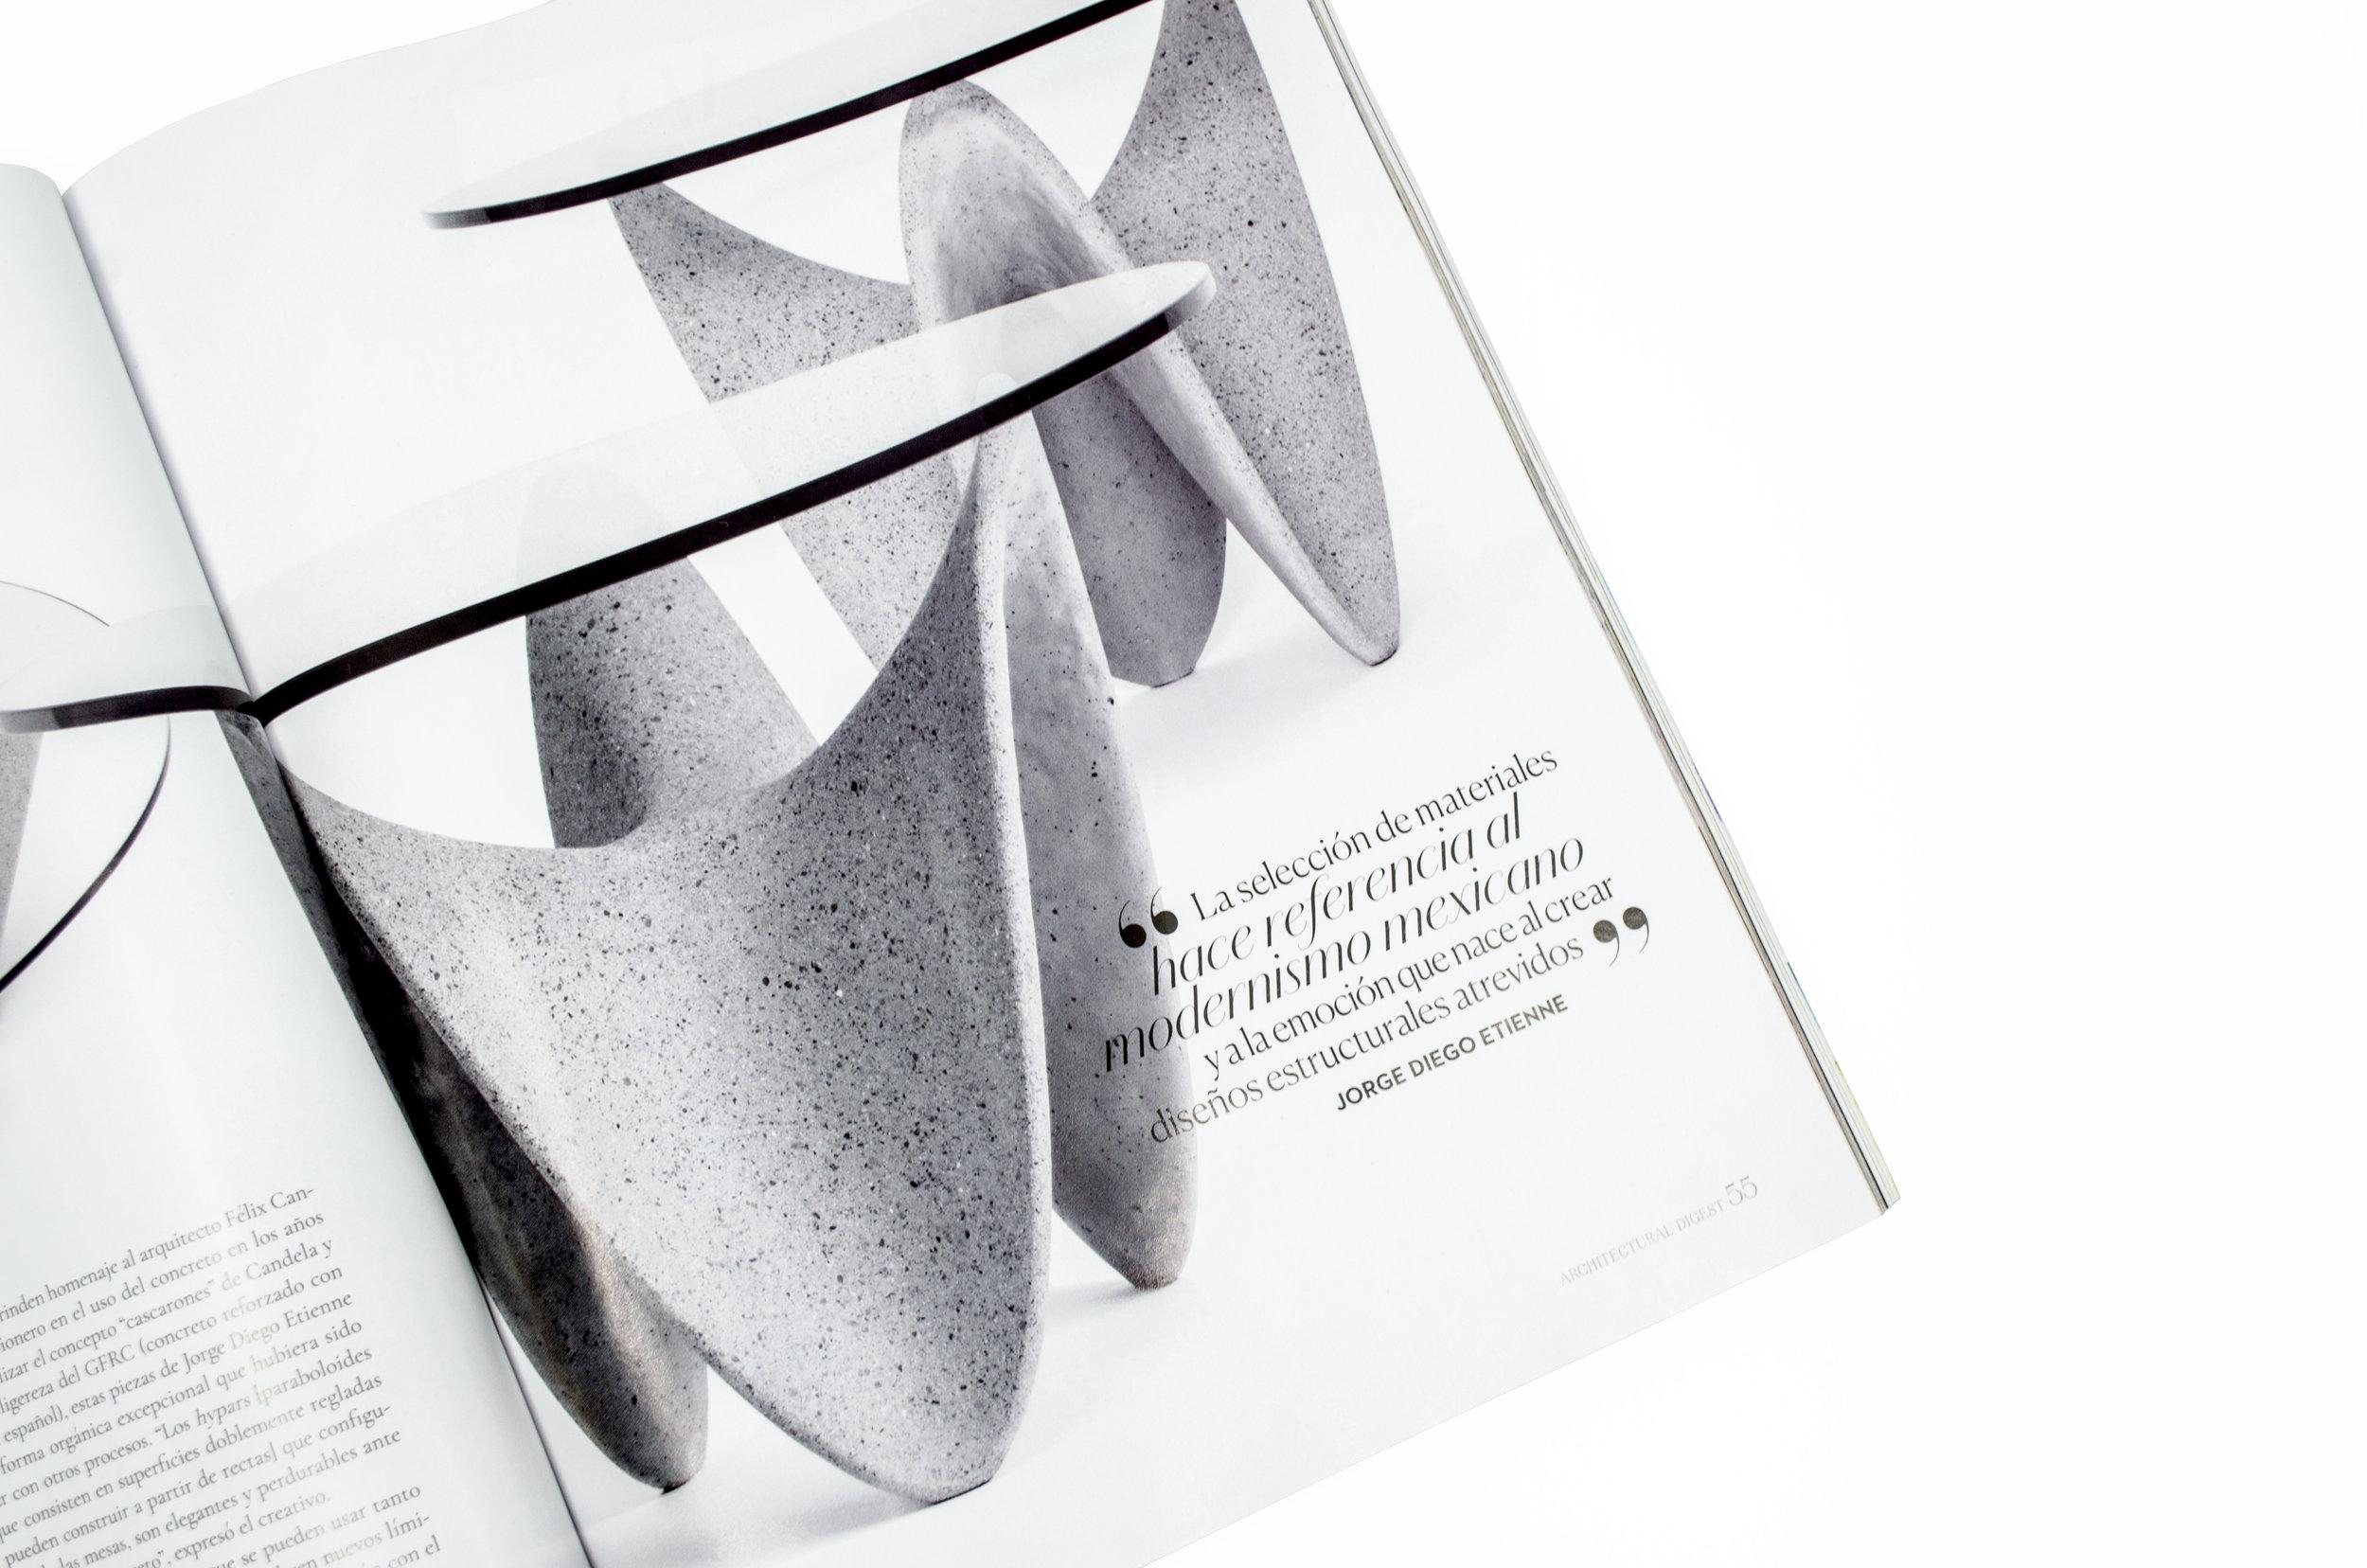 jorge-diego-etienne-architectural-digest-mesas-candela